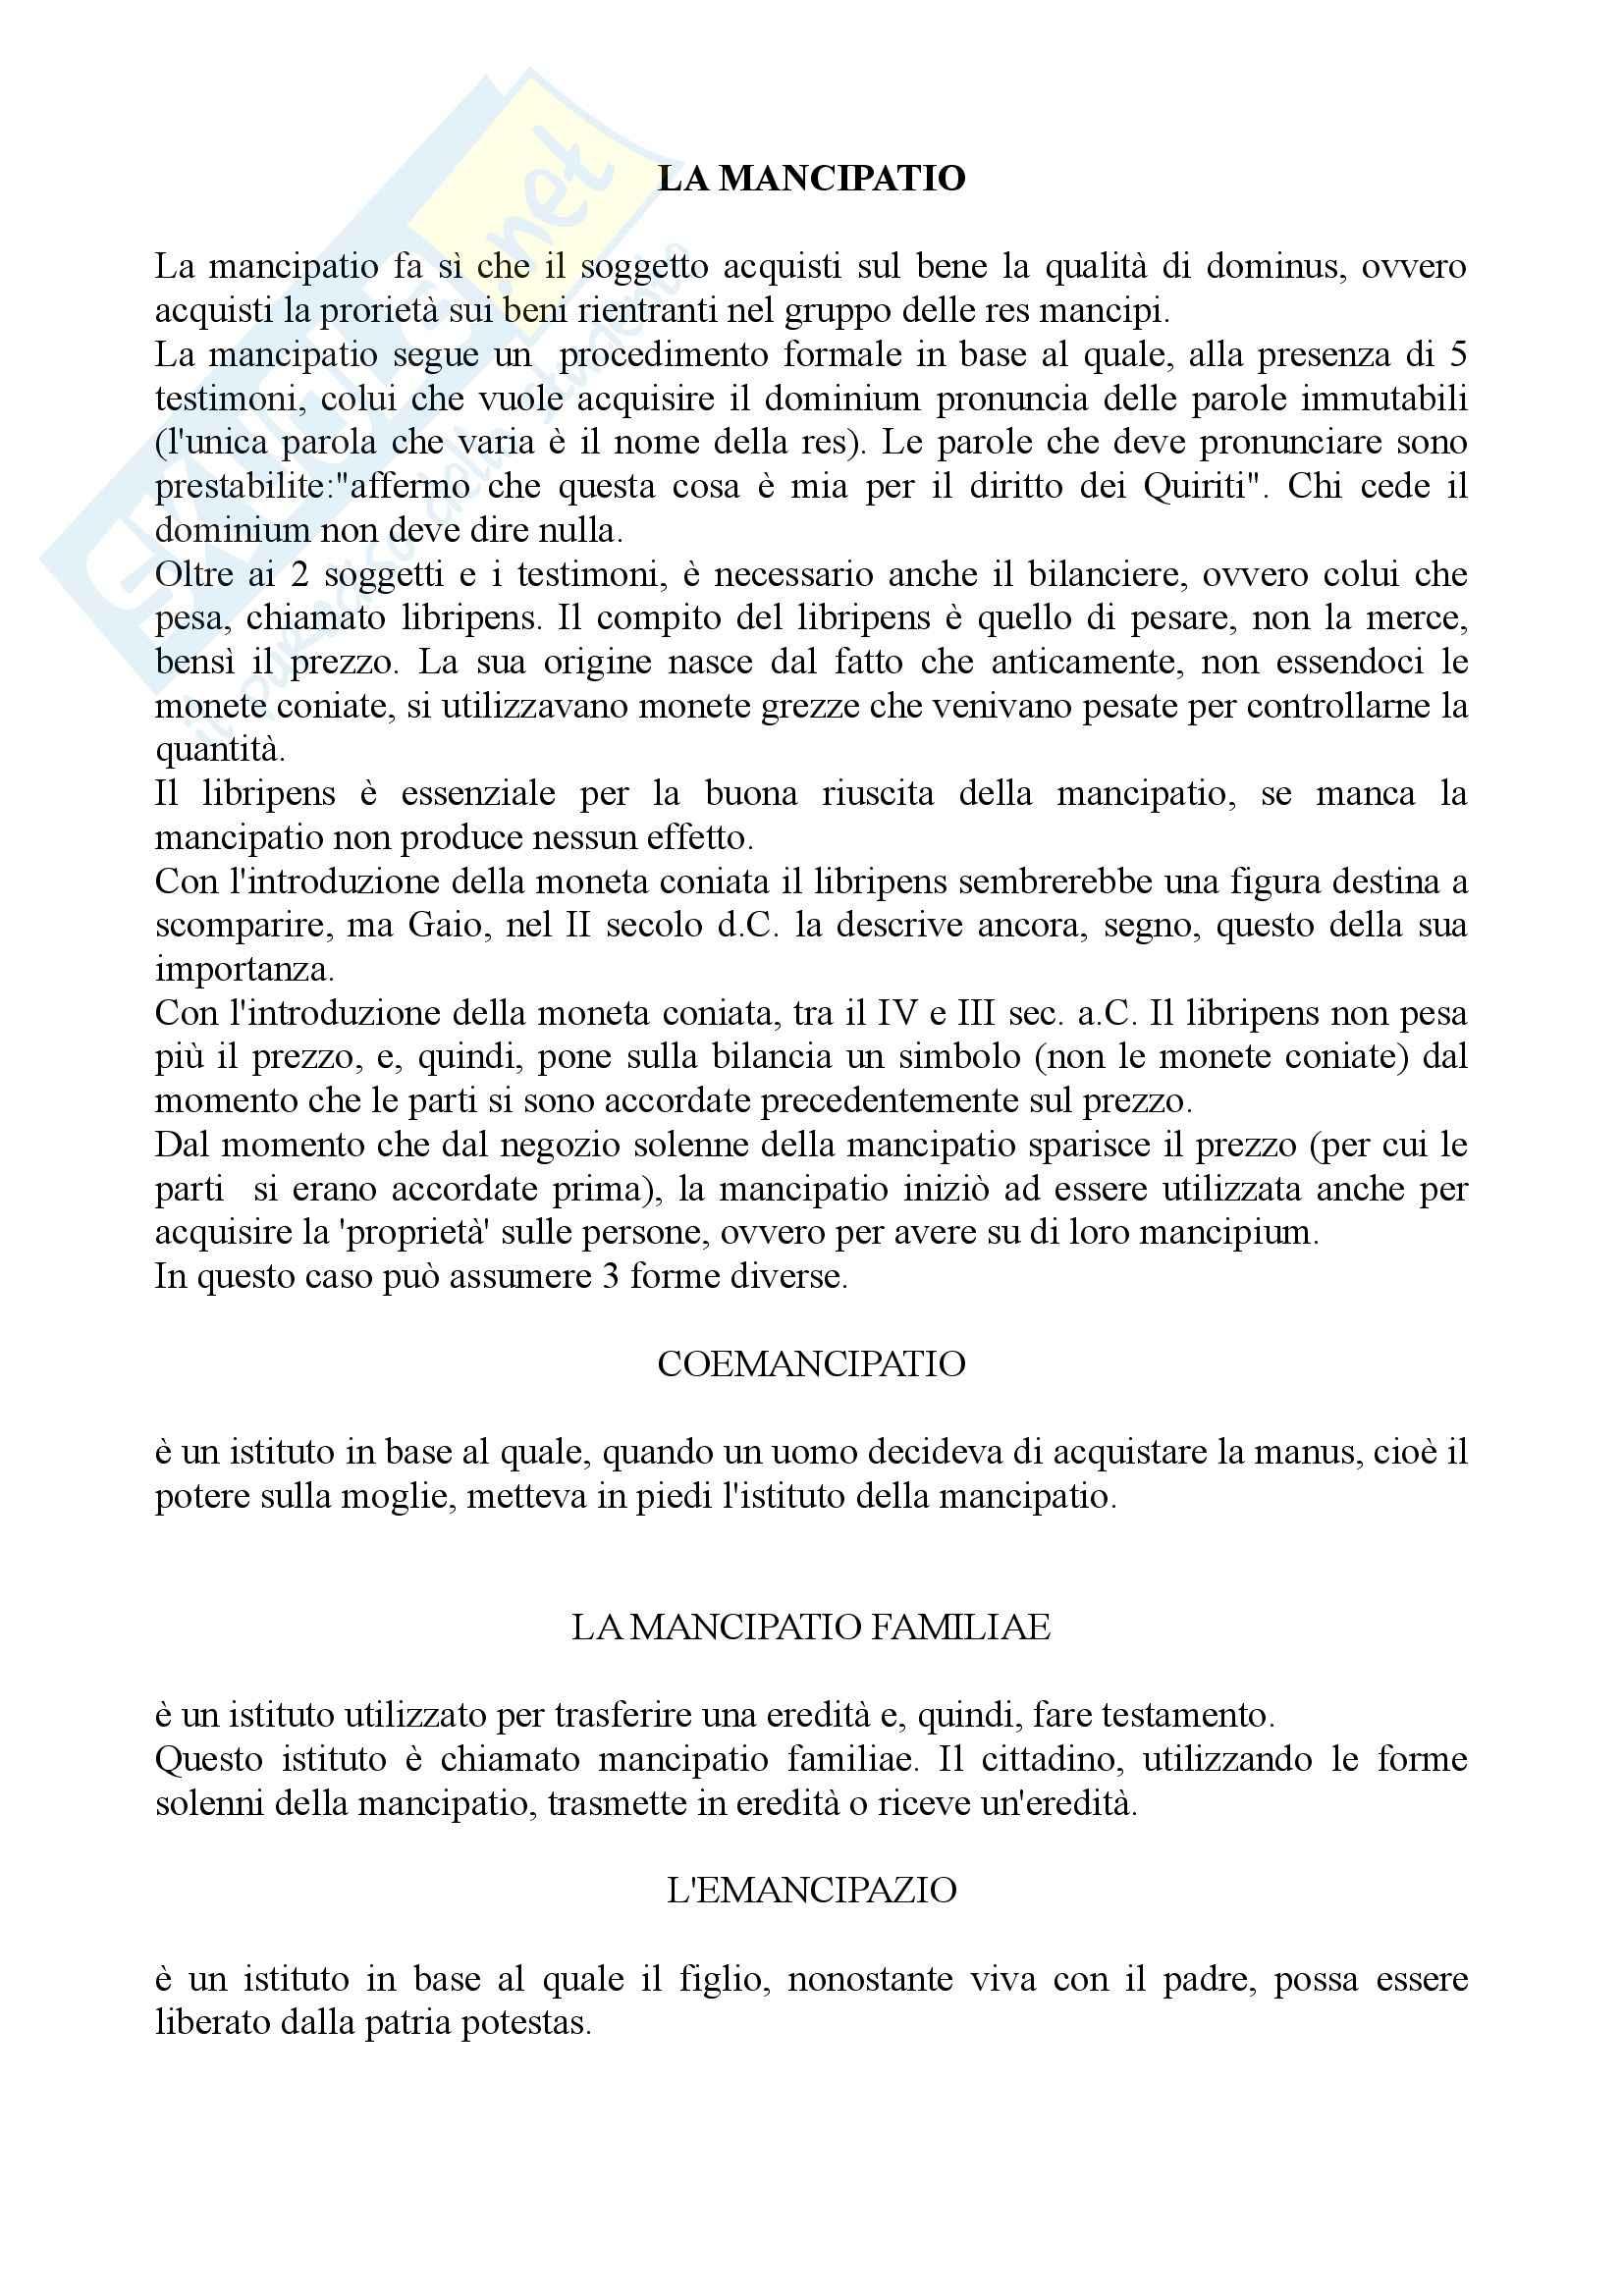 Diritto romano - la mancipatio